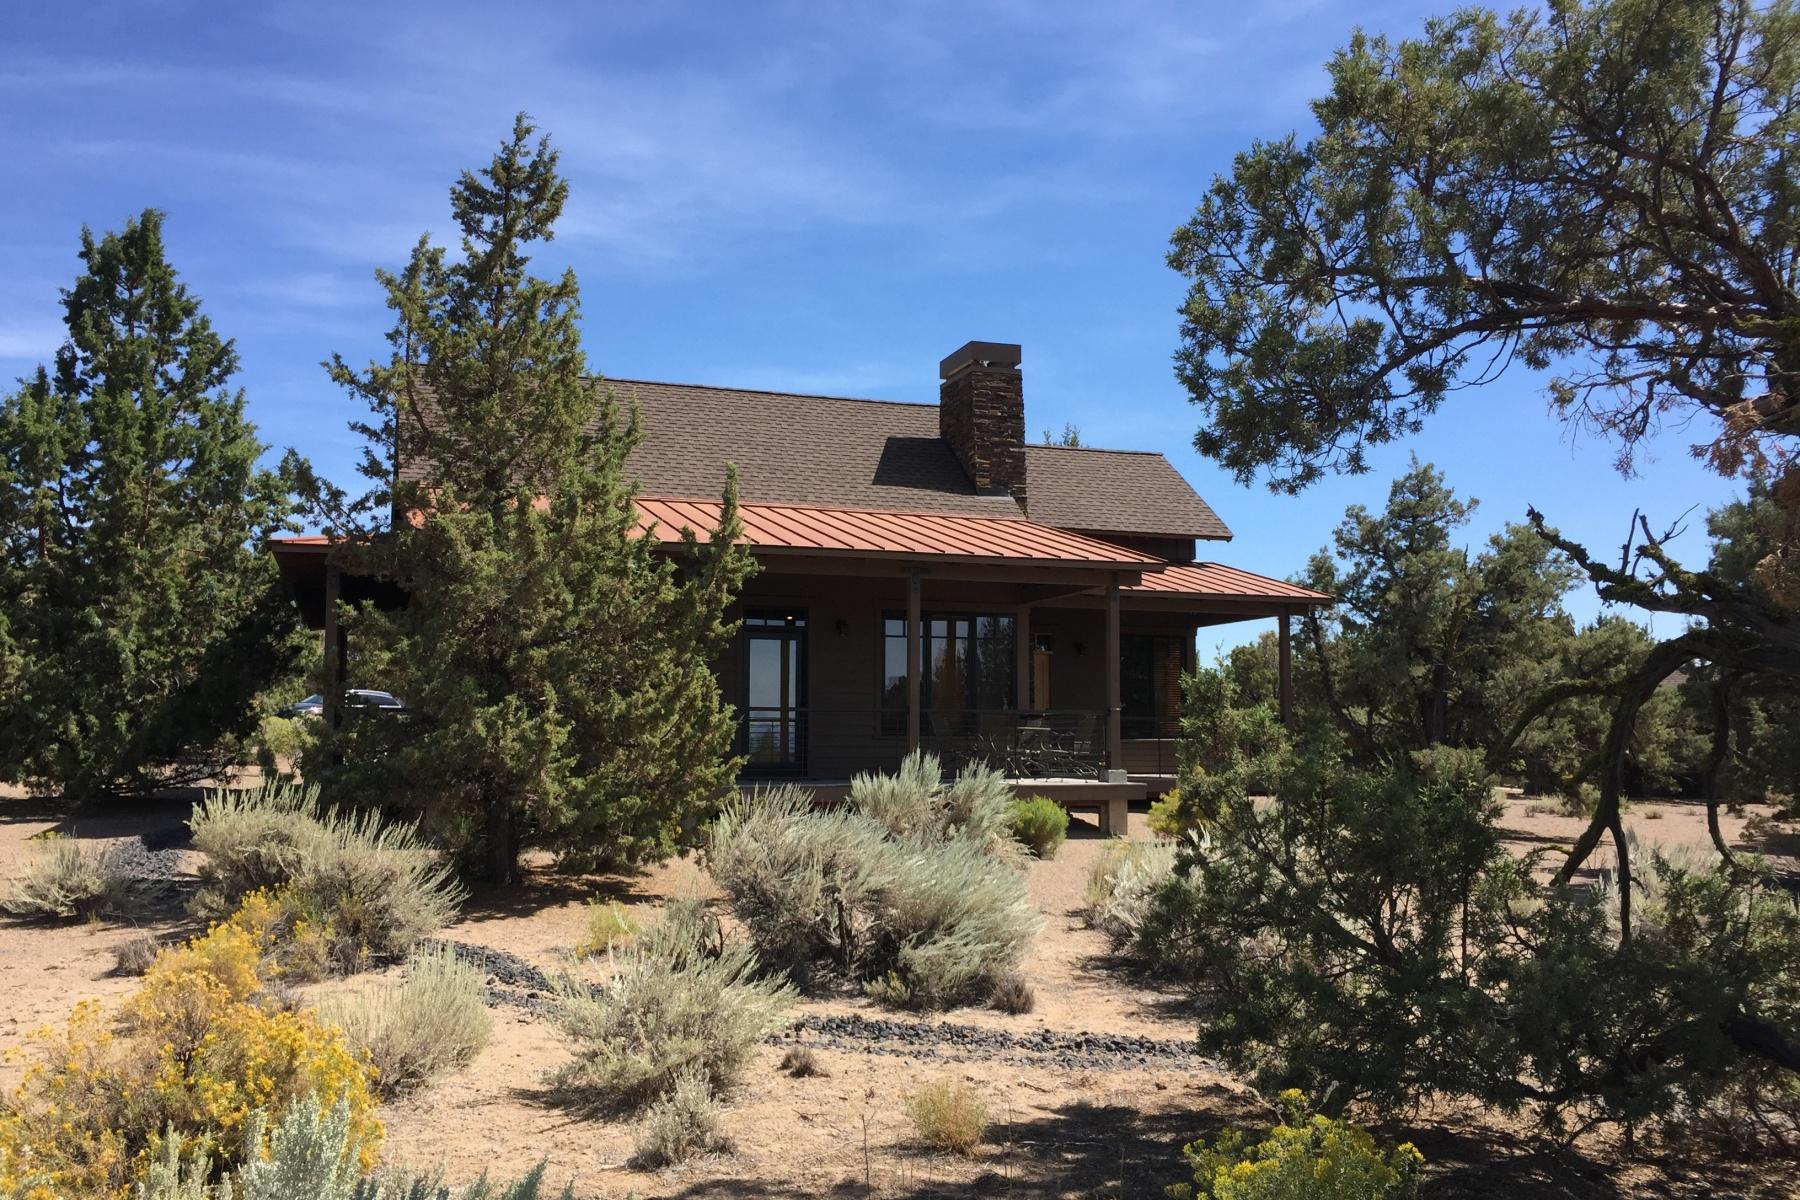 Casa Unifamiliar por un Venta en 16744 SW Brasada Ranch Road Cabin 64, POWELL BUTTE 16744 SW Brasada Ranch Rd Cabin 64 Powell Butte, Oregon, 97753 Estados Unidos